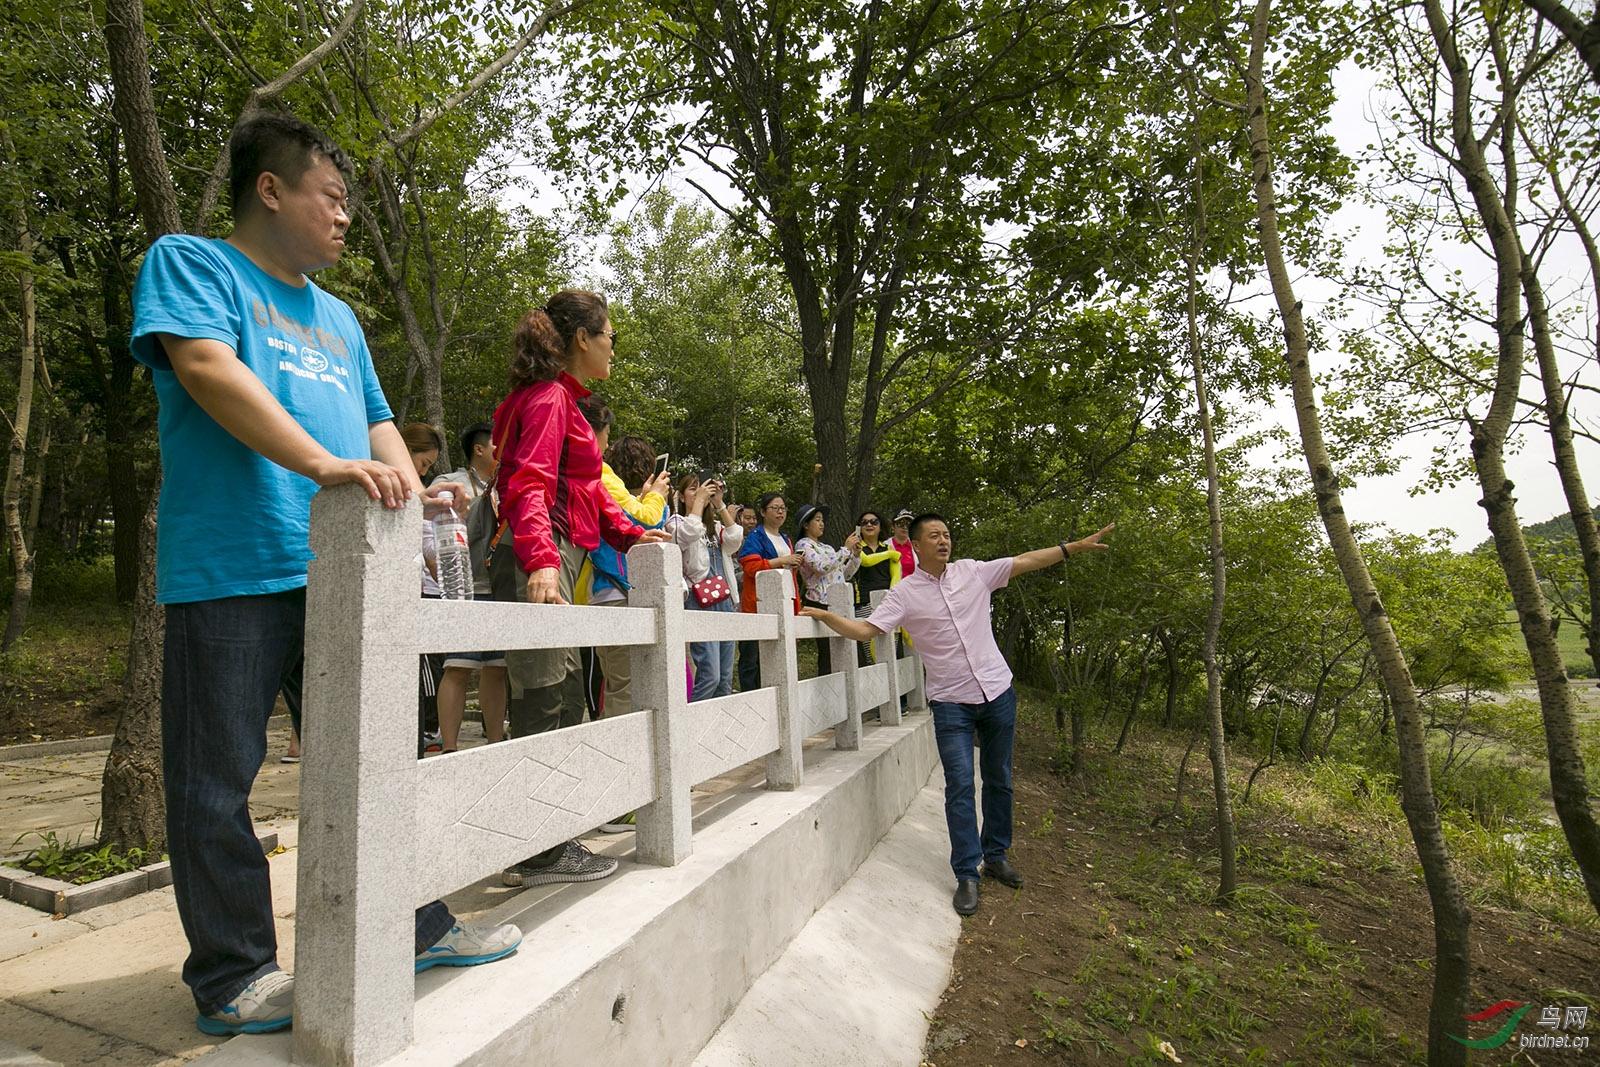 野保副会长、秘书长金广山为参观苍鹭繁衍区域的老师们介绍苍鹭发育情况.jpg